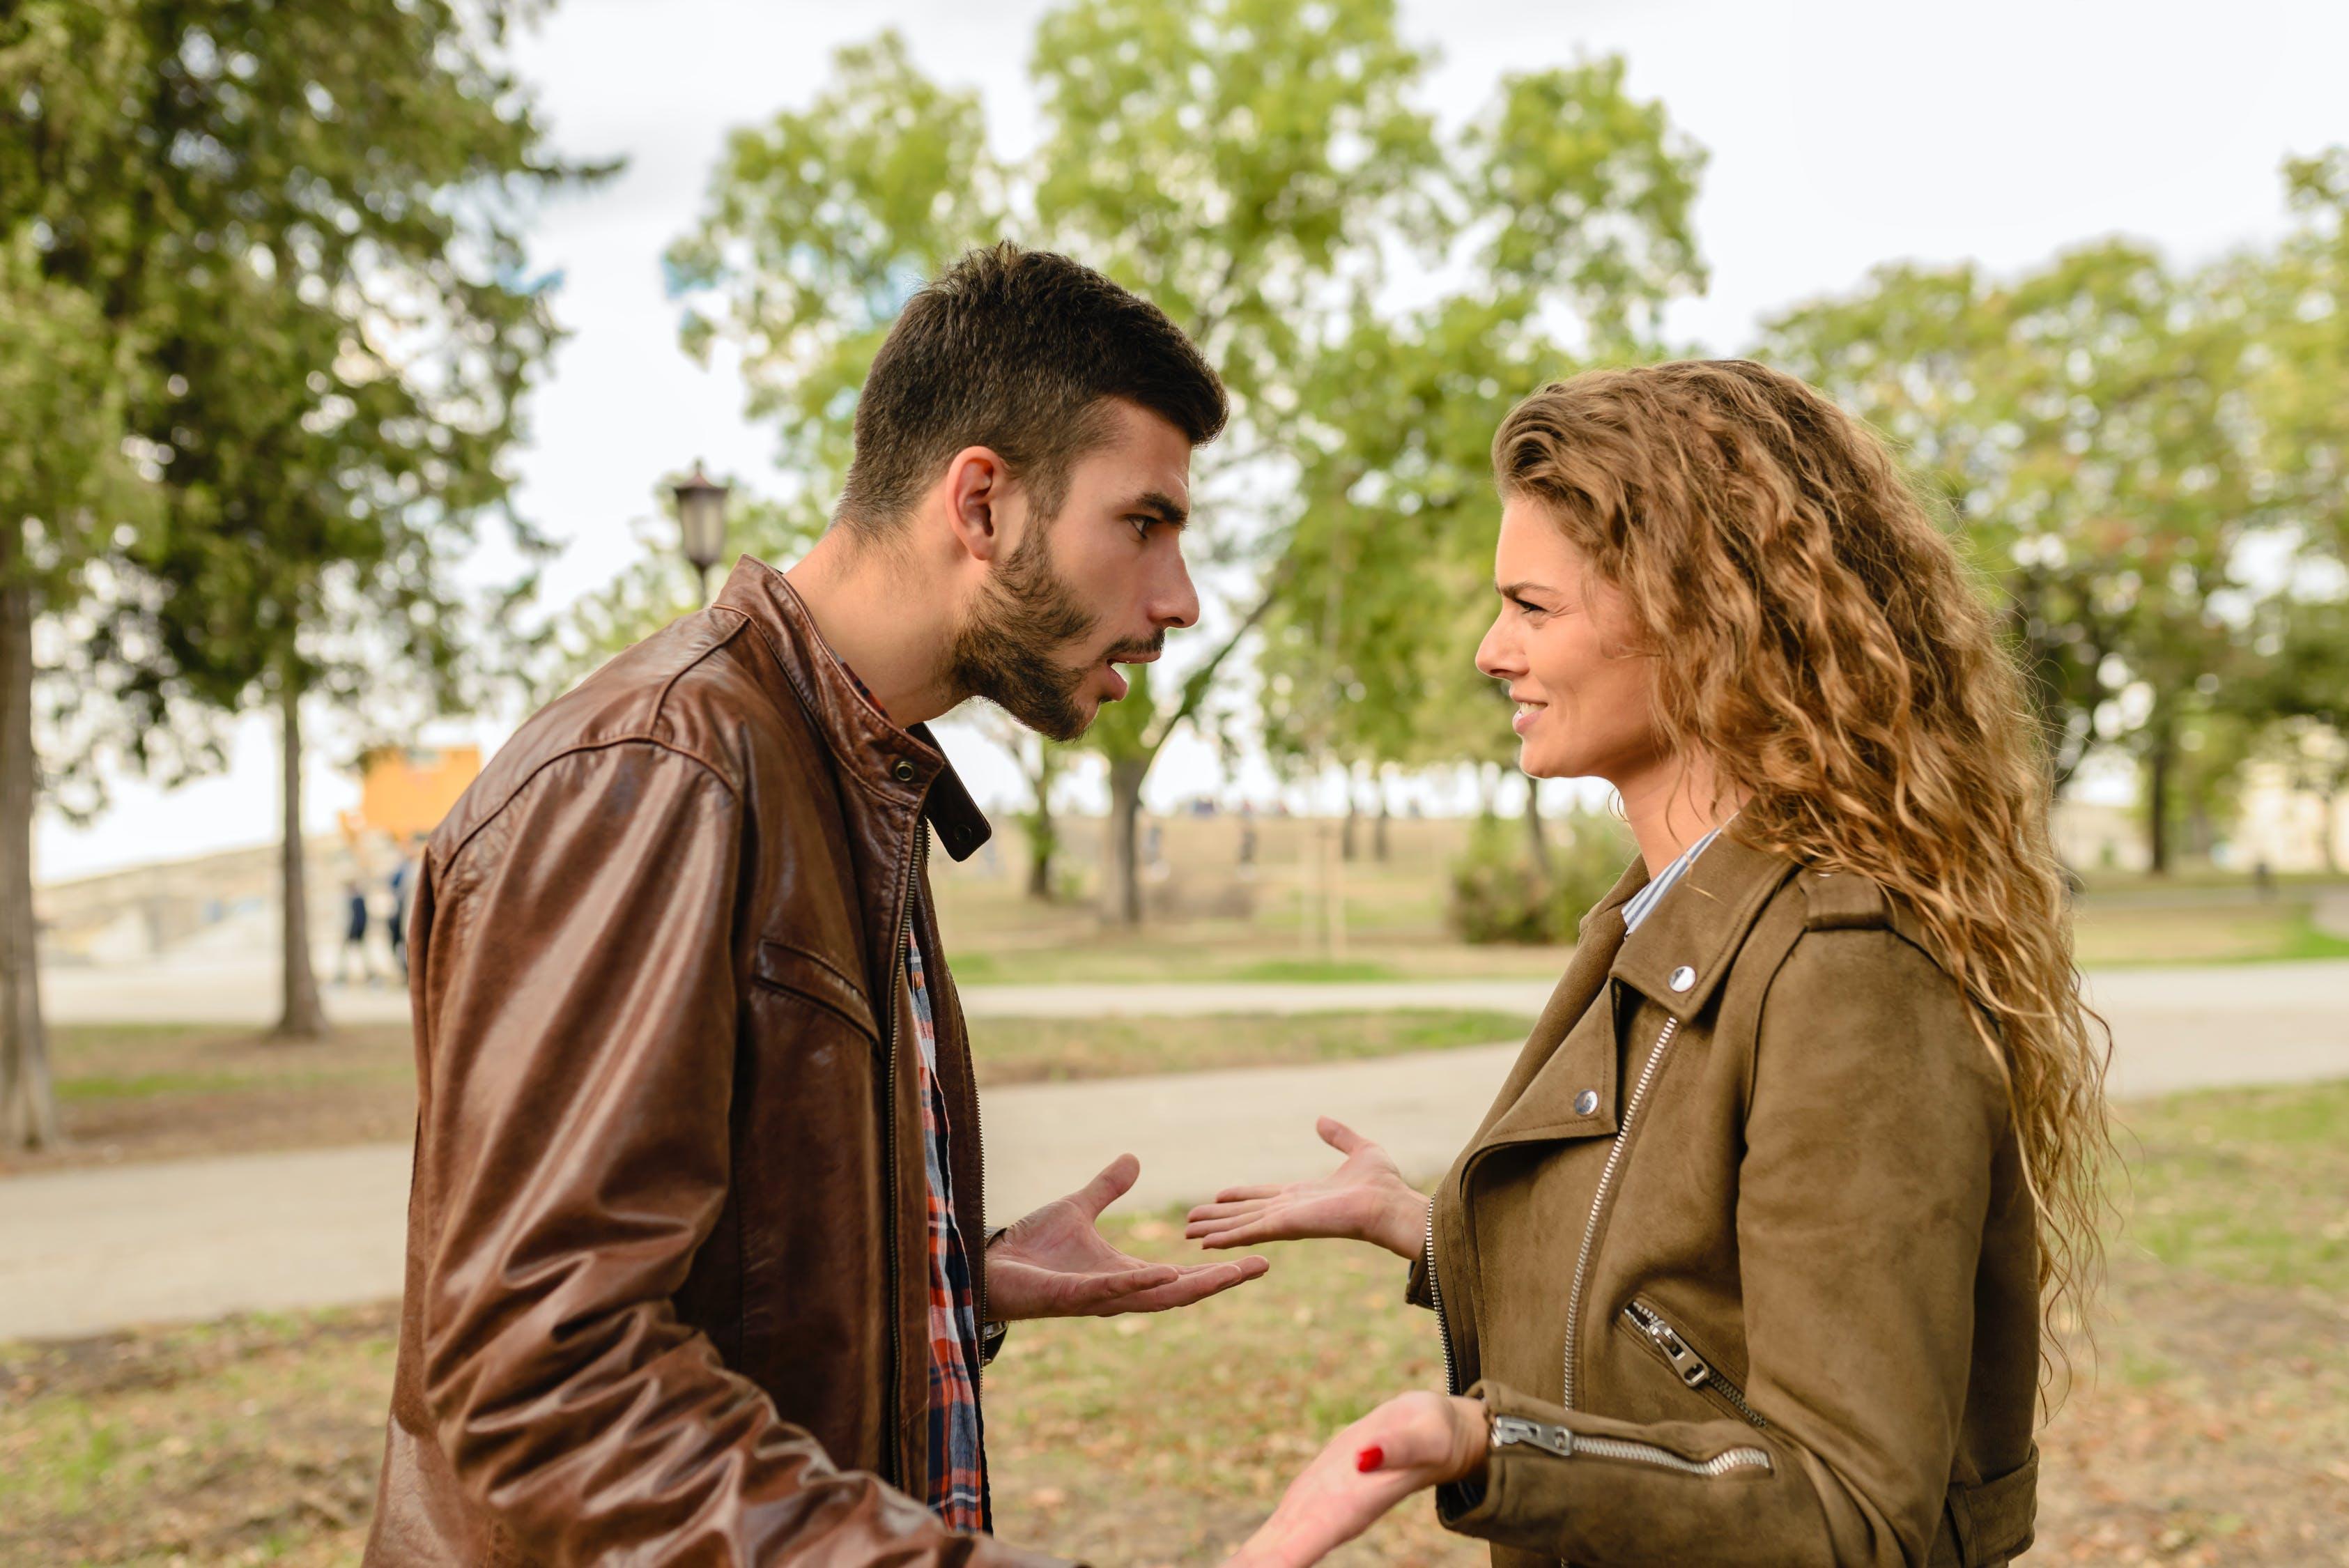 Всё про ревность: раскрываем природу ревности с точки зрения психологии и энергетики